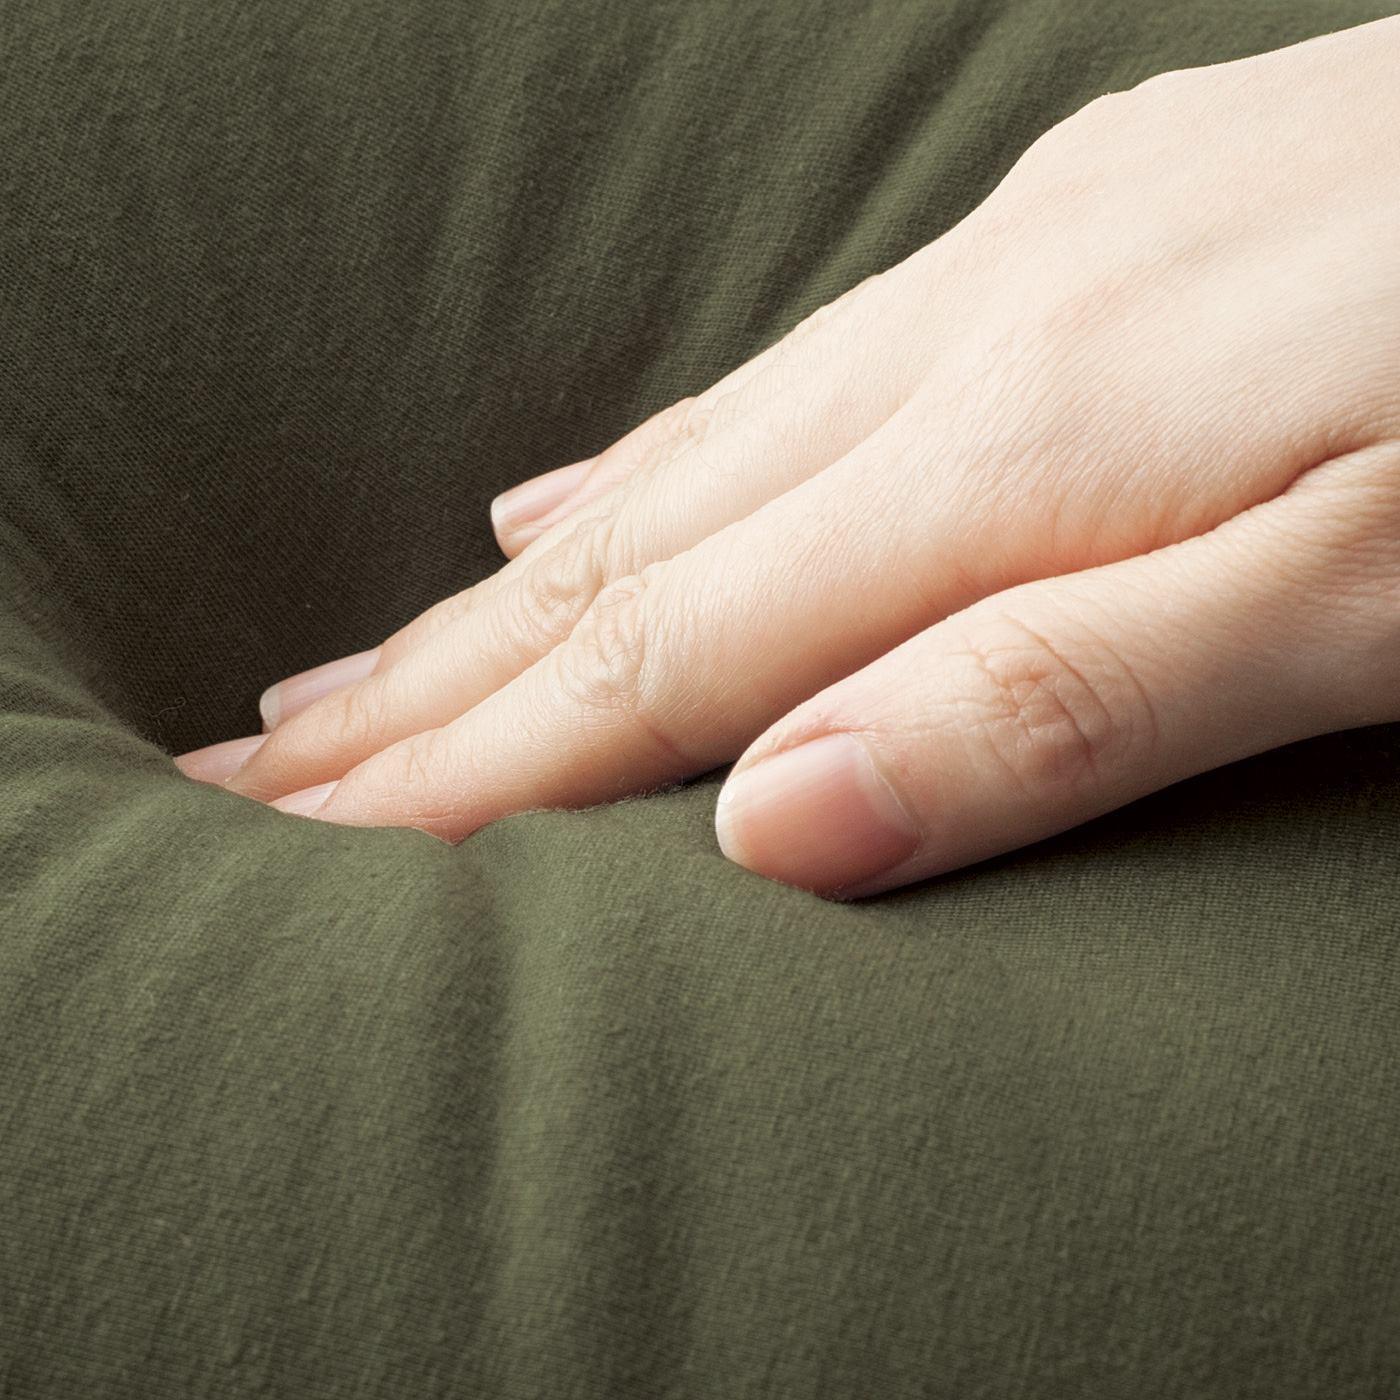 クッションの中身は、ビーズ素材で何とも言えないいやされる触感。フローリングの上でも安定します。